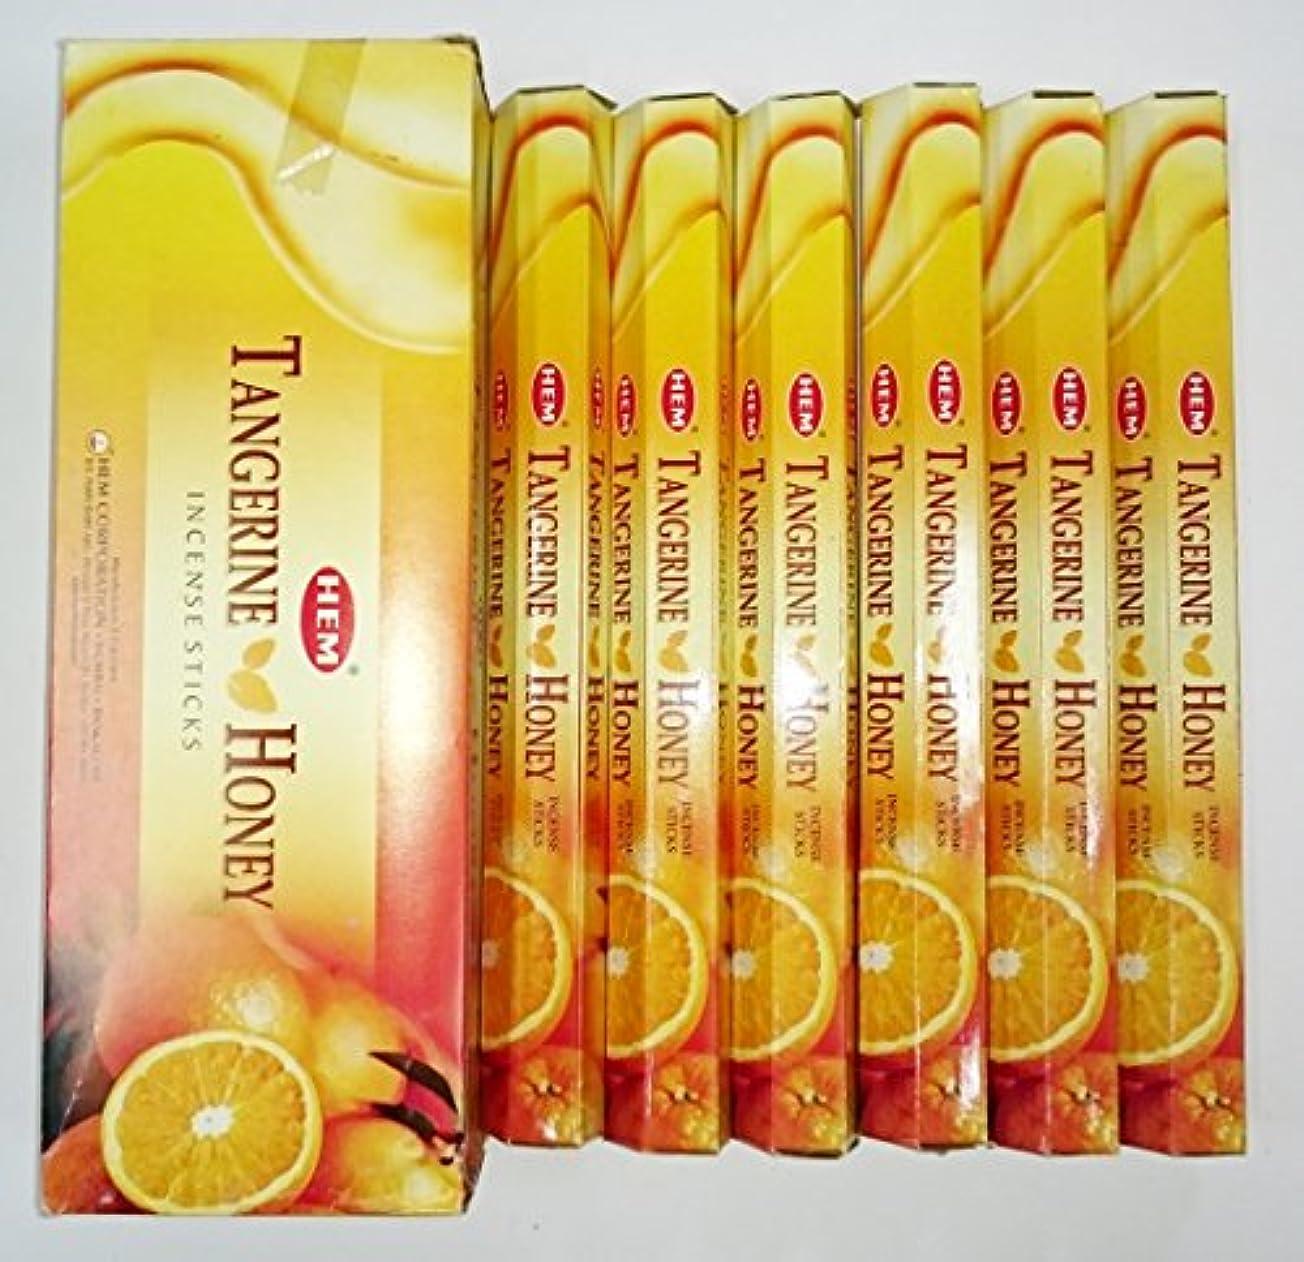 現代狂う光のHEM (ヘム) インセンス スティック へキサパック タンジェリンハニー 6角(20本入)×6箱 [並行輸入品]Tangerine Honey